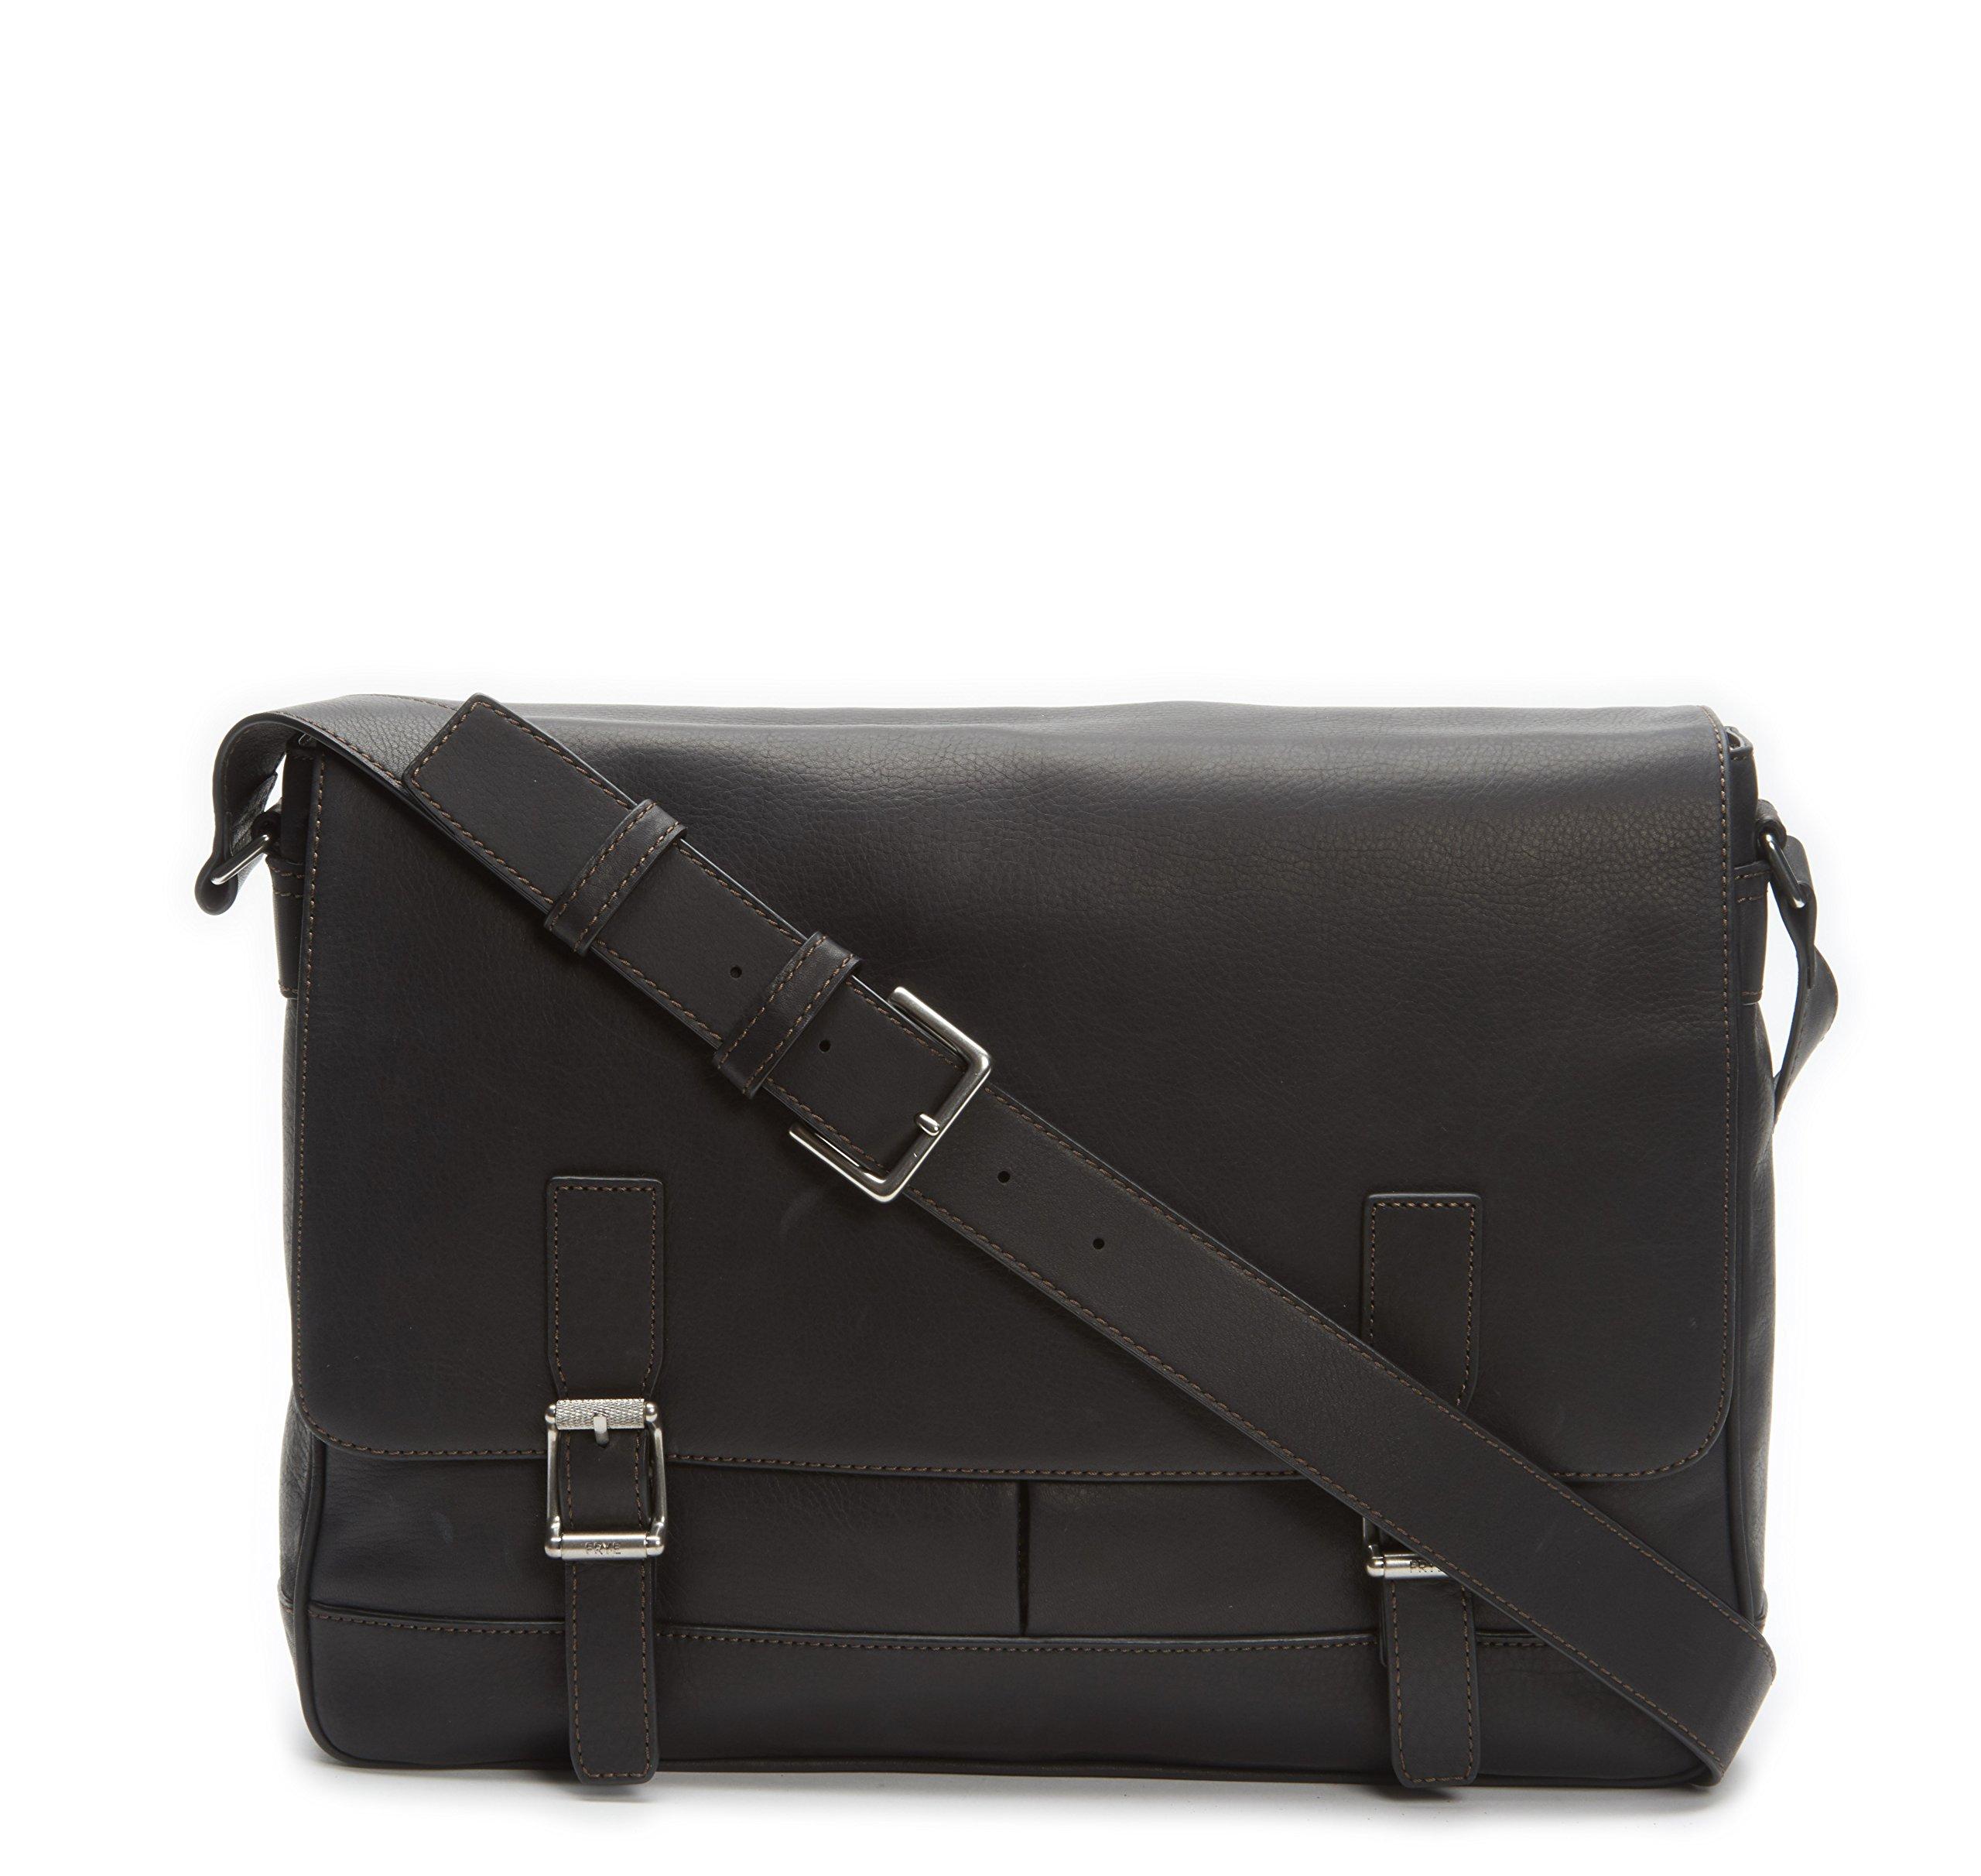 FRYE Men's Oliver Messenger Bag, Black, One Size